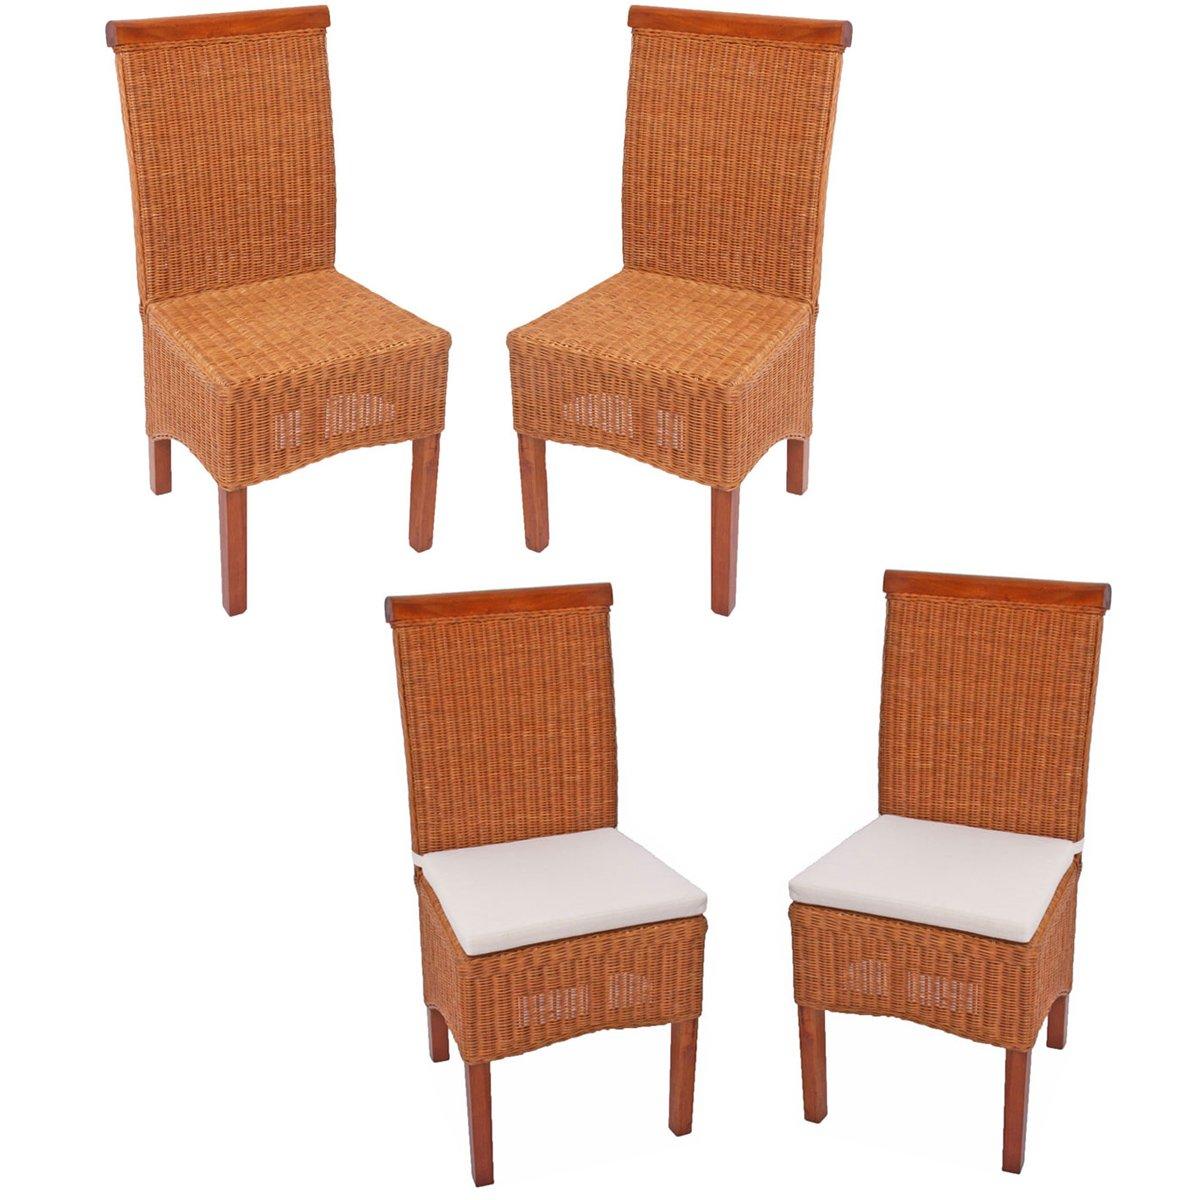 Lote 4 sillas m42 en madera y mimbre color marr n claro for Cojines sillas comedor